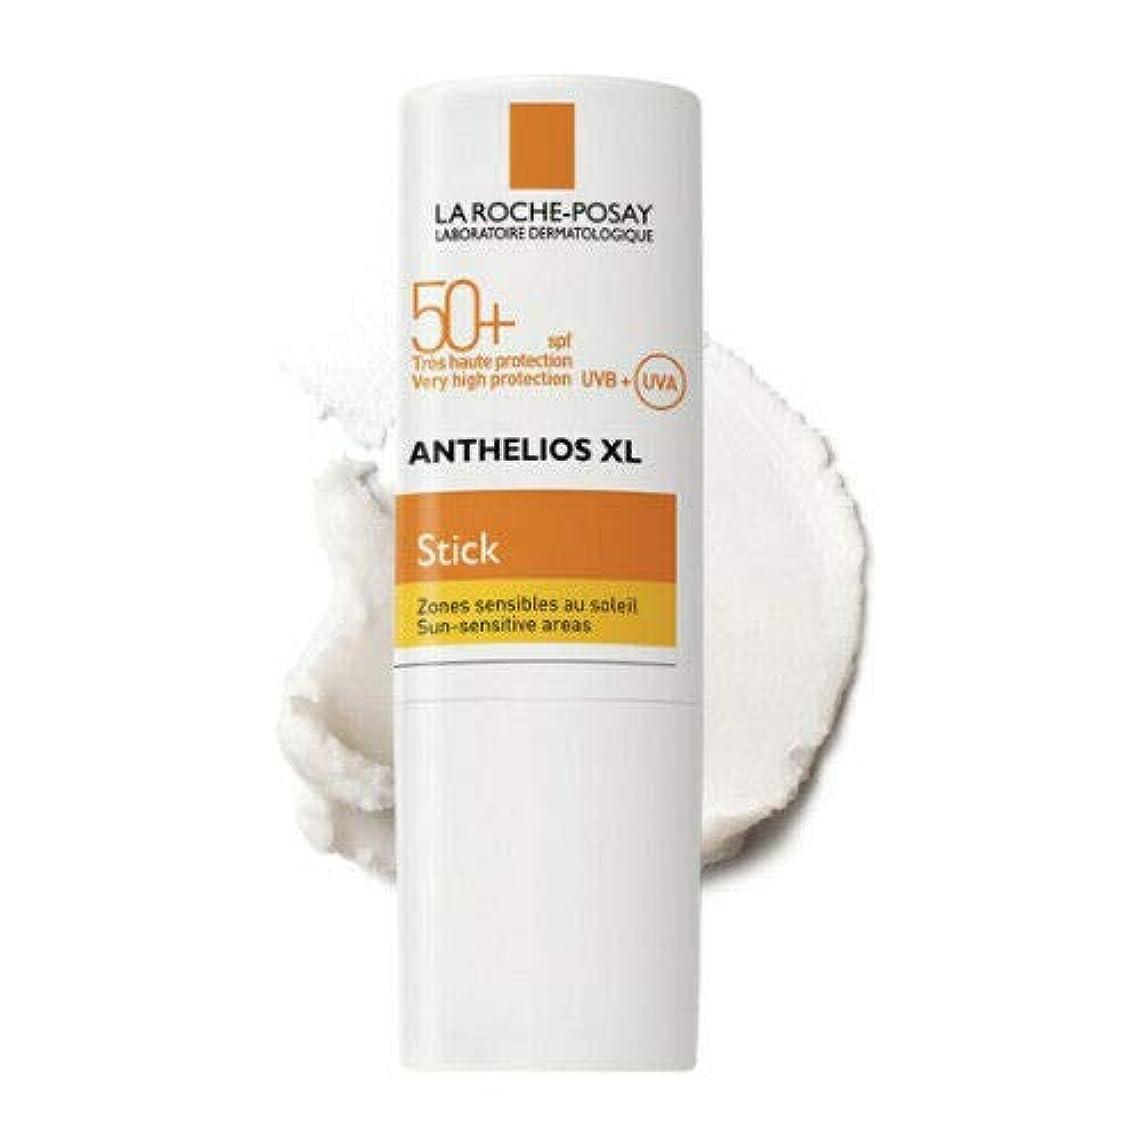 タック不規則性家畜LA ROCHE-POSAY Anthelios アンテリオス XL Stick サンスティック (9g) SPF50+ PA+++ フランス日焼け止め